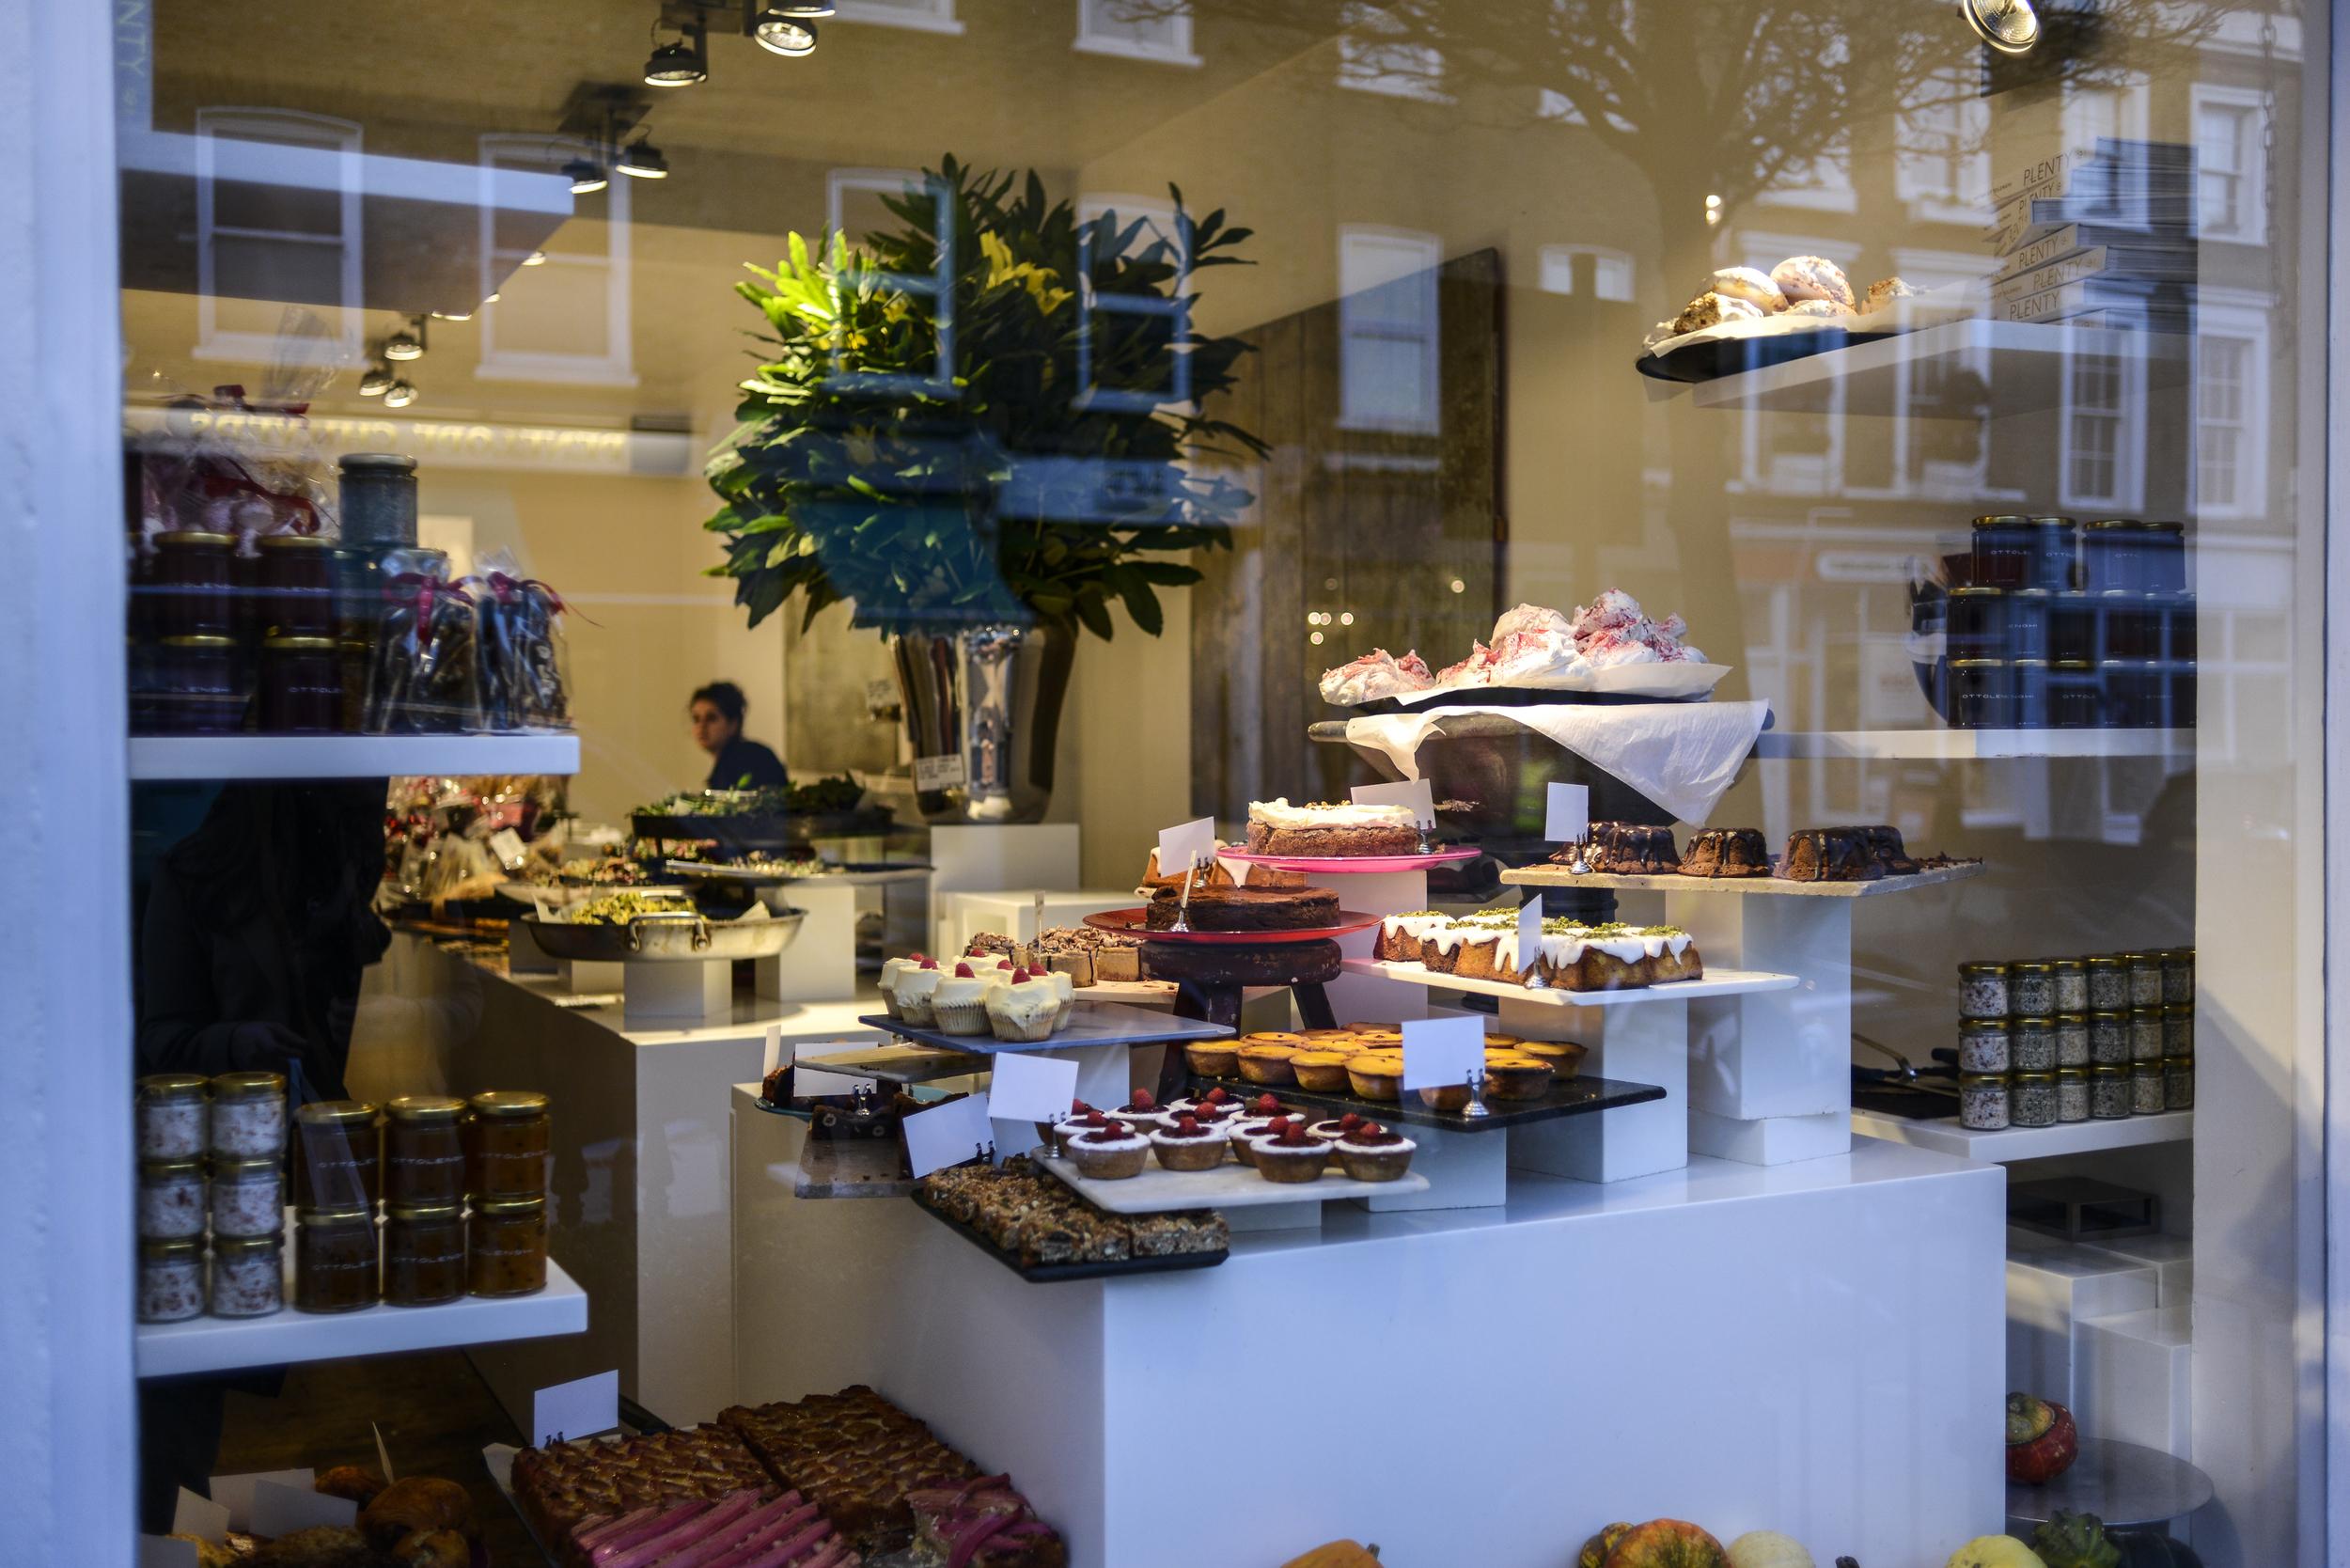 ottolenghi_notting_hill_desserts_aspiring_kennedy_noah_darnell